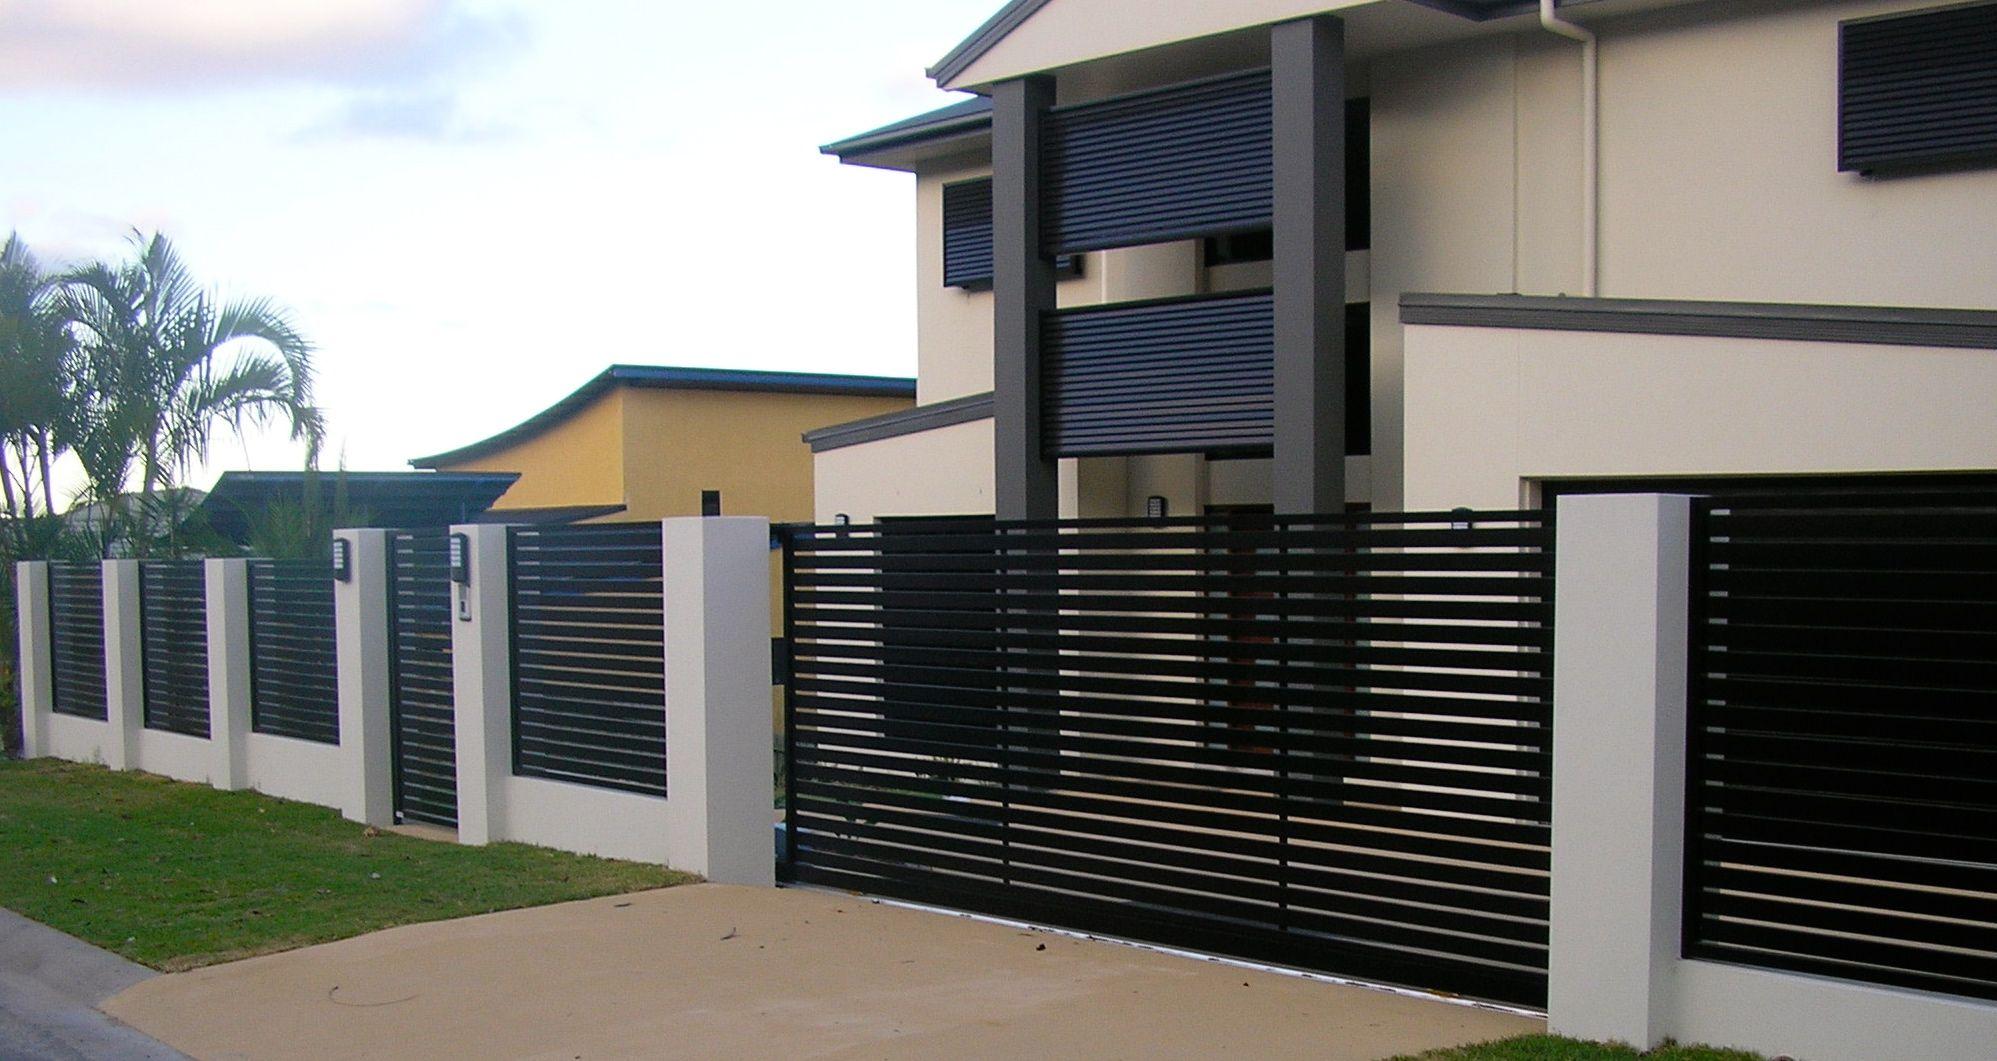 Tham khảo những mẫu hàng rào đẹp cho biệt thự  - Ảnh 4.